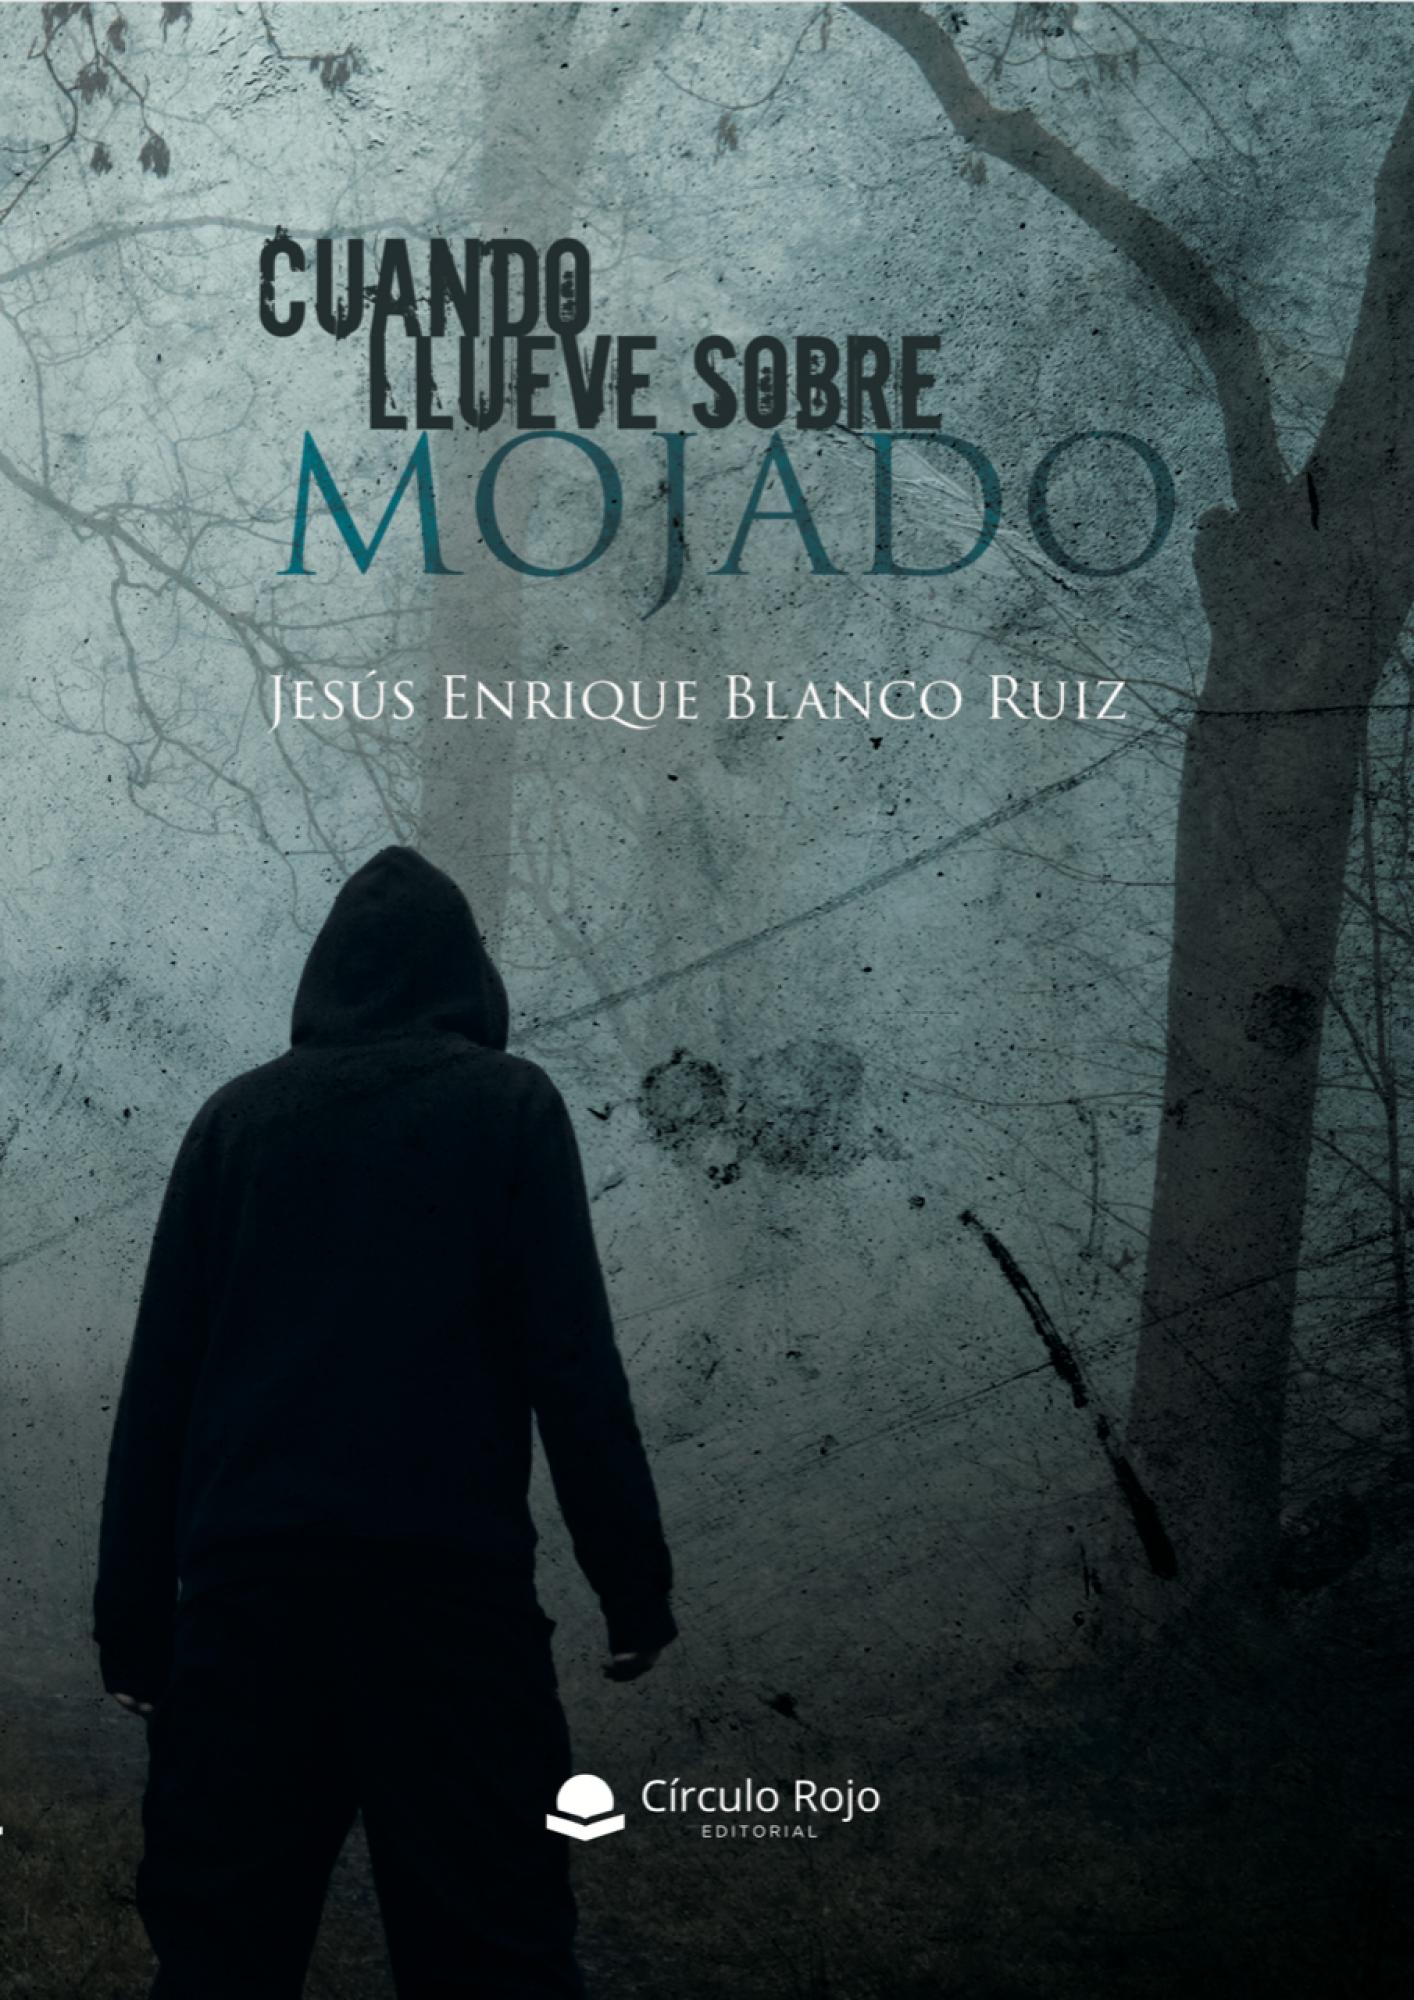 'Cuando llueve sobre mojado', una novela de suspense que promete introducir al lector en la trama desde el comienzo